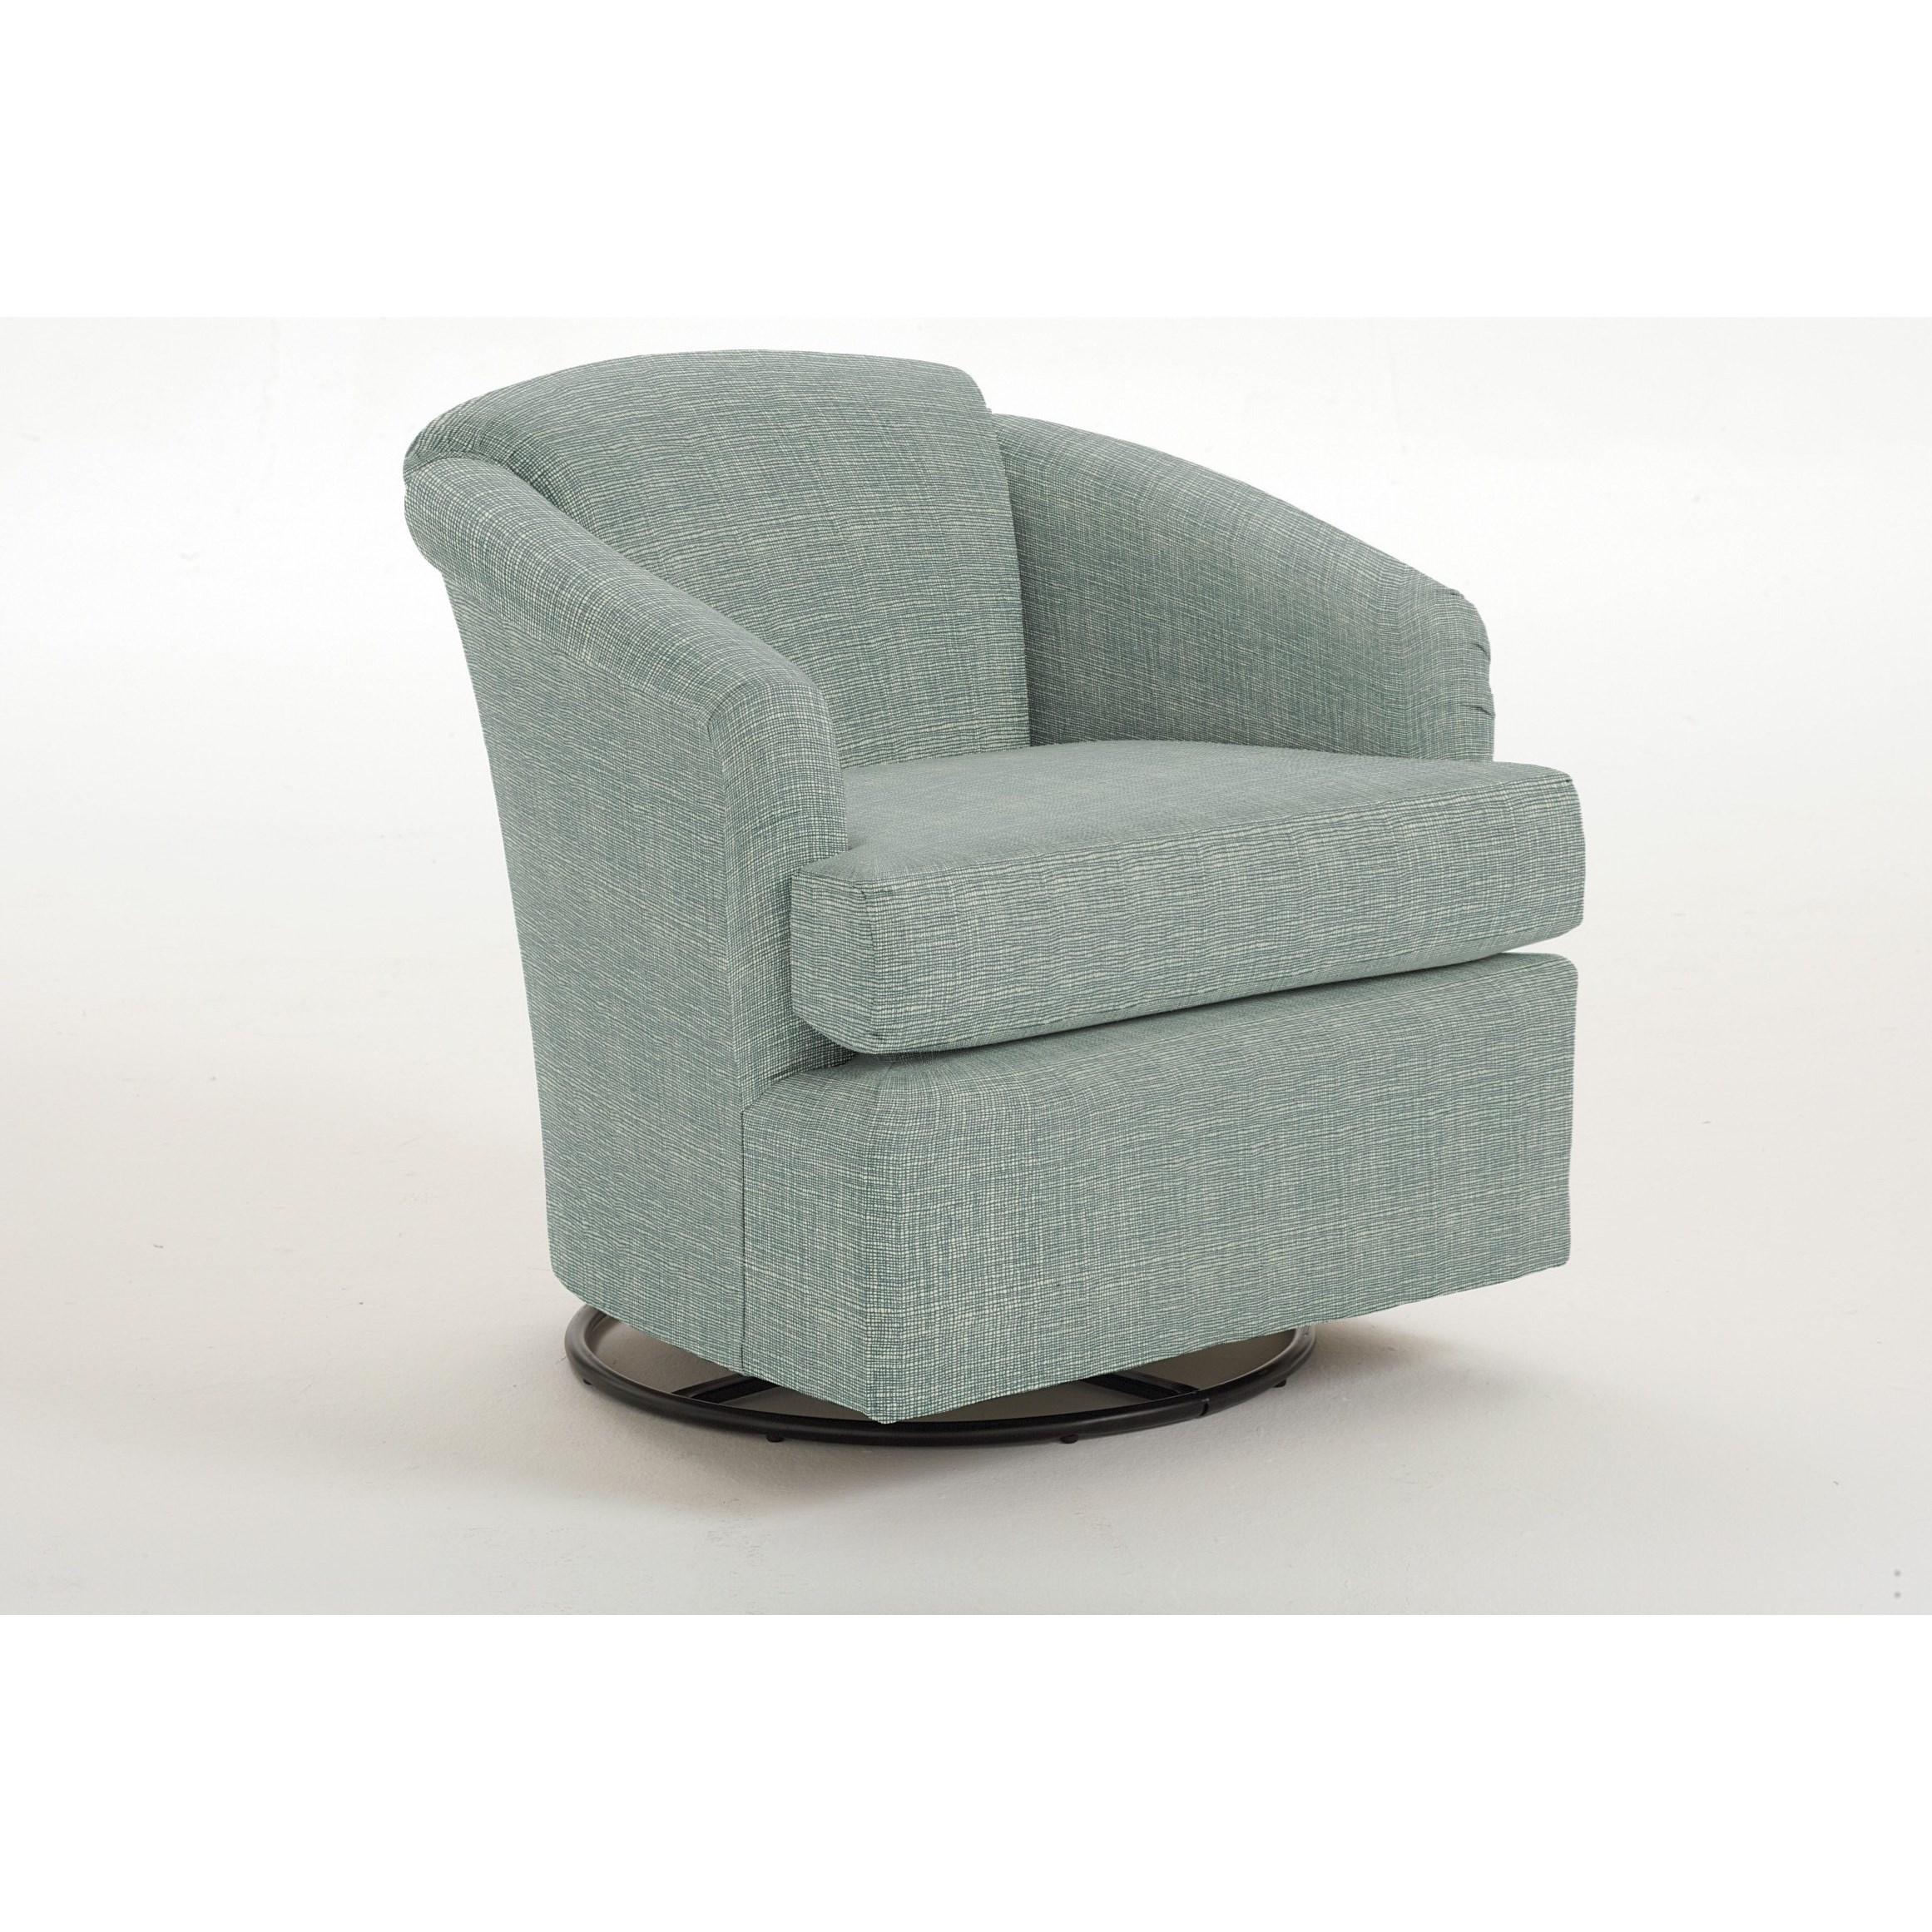 Cass Cass Swivel Glider by Best Home Furnishings at Lucas Furniture & Mattress